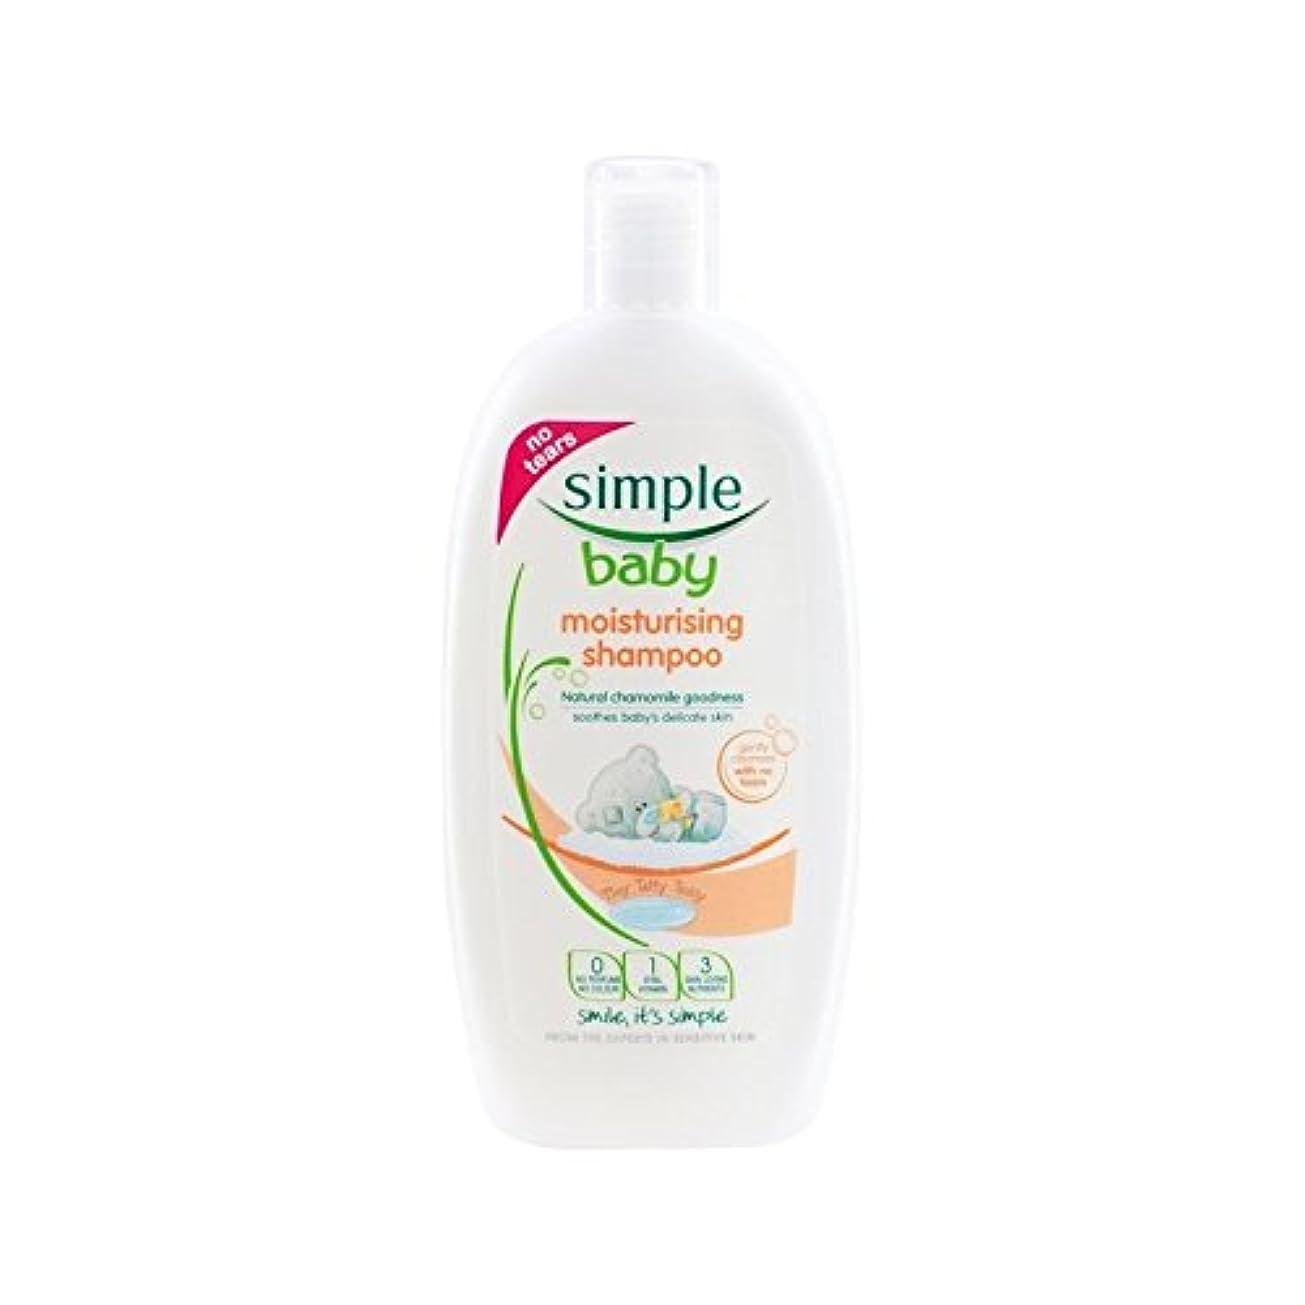 科学日曜日夕暮れベビー保湿シャンプー300ミリリットル (Simple) - Simple Baby Moisturising Shampoo 300ml [並行輸入品]